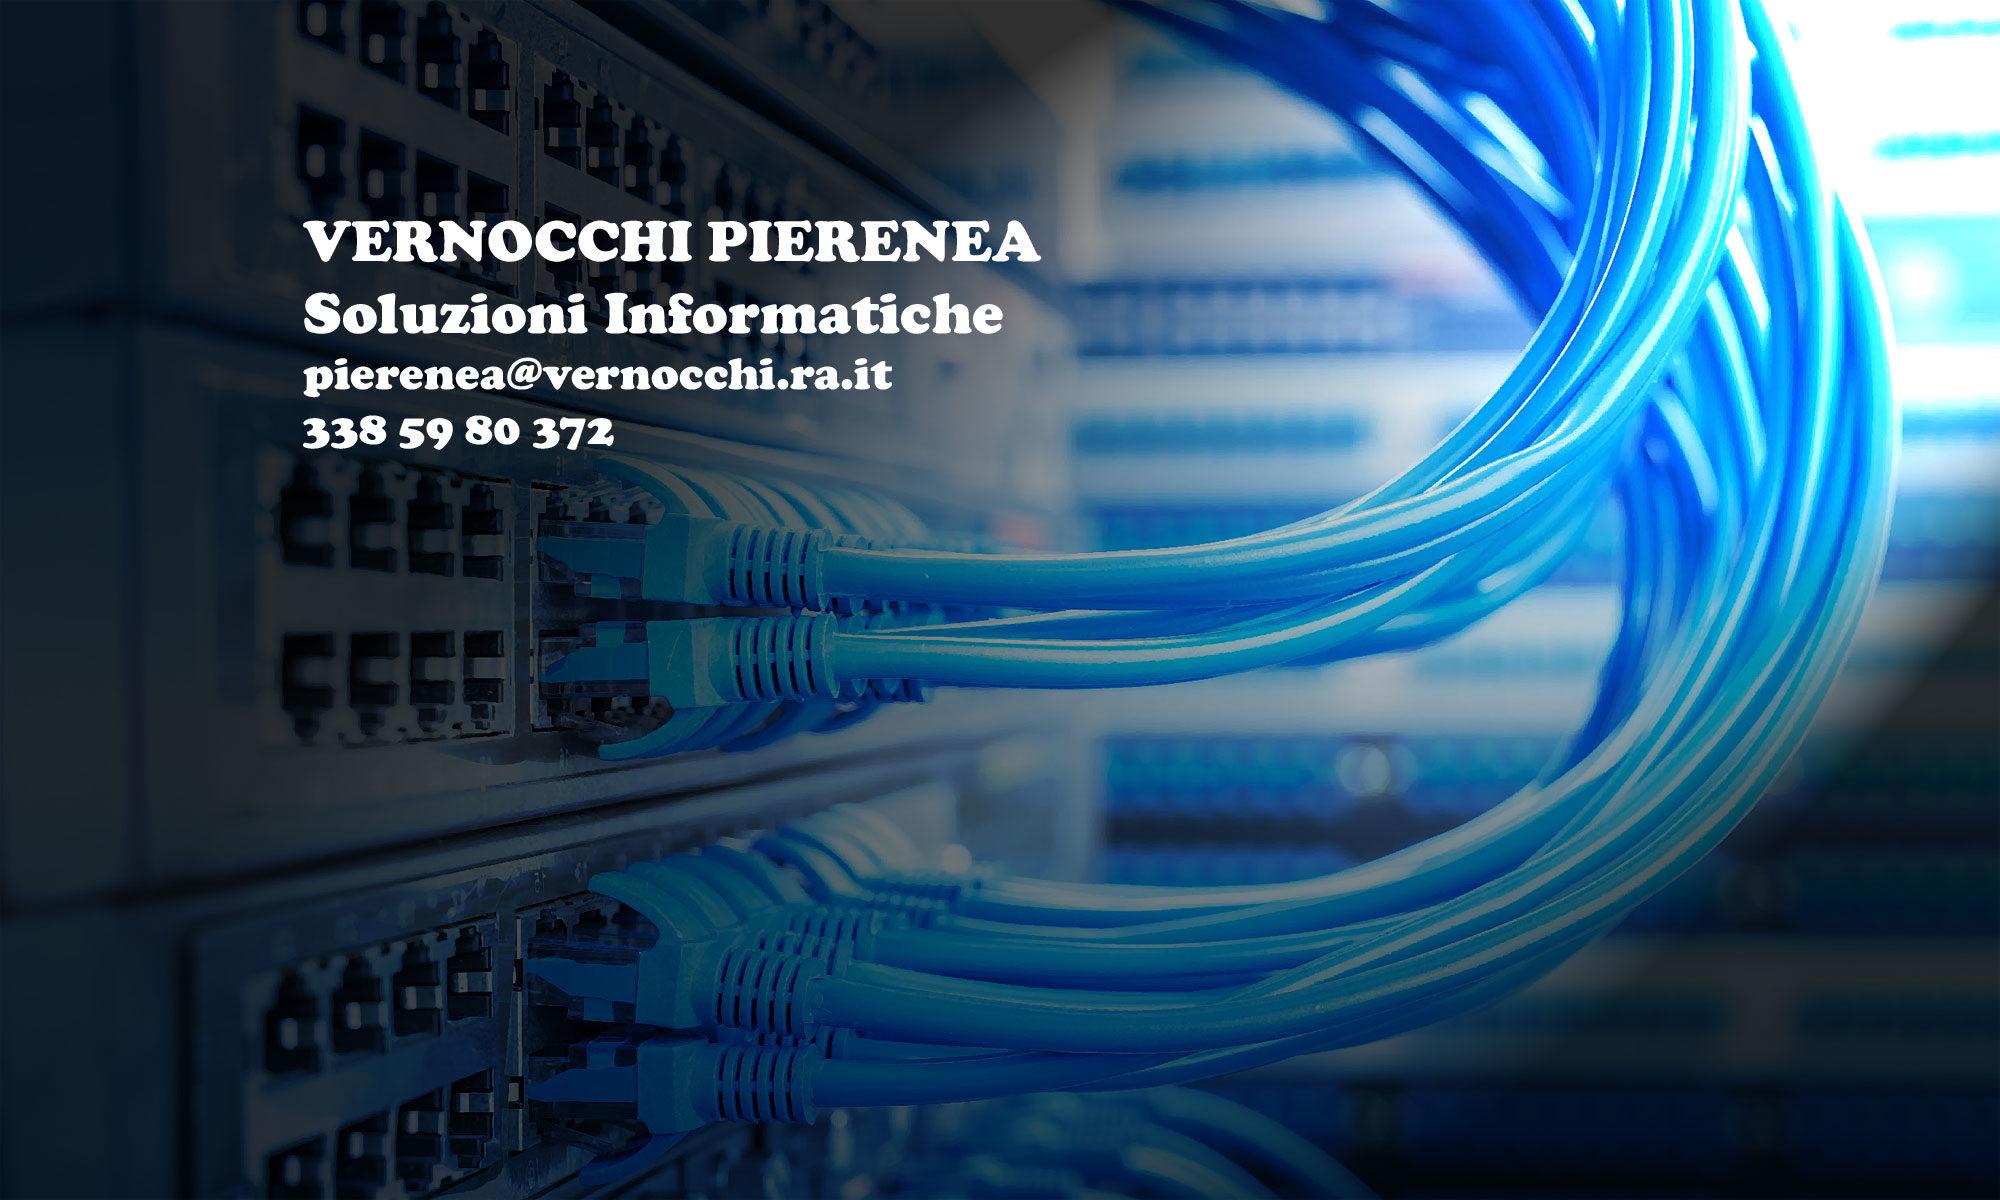 Vernocchi Pierenea